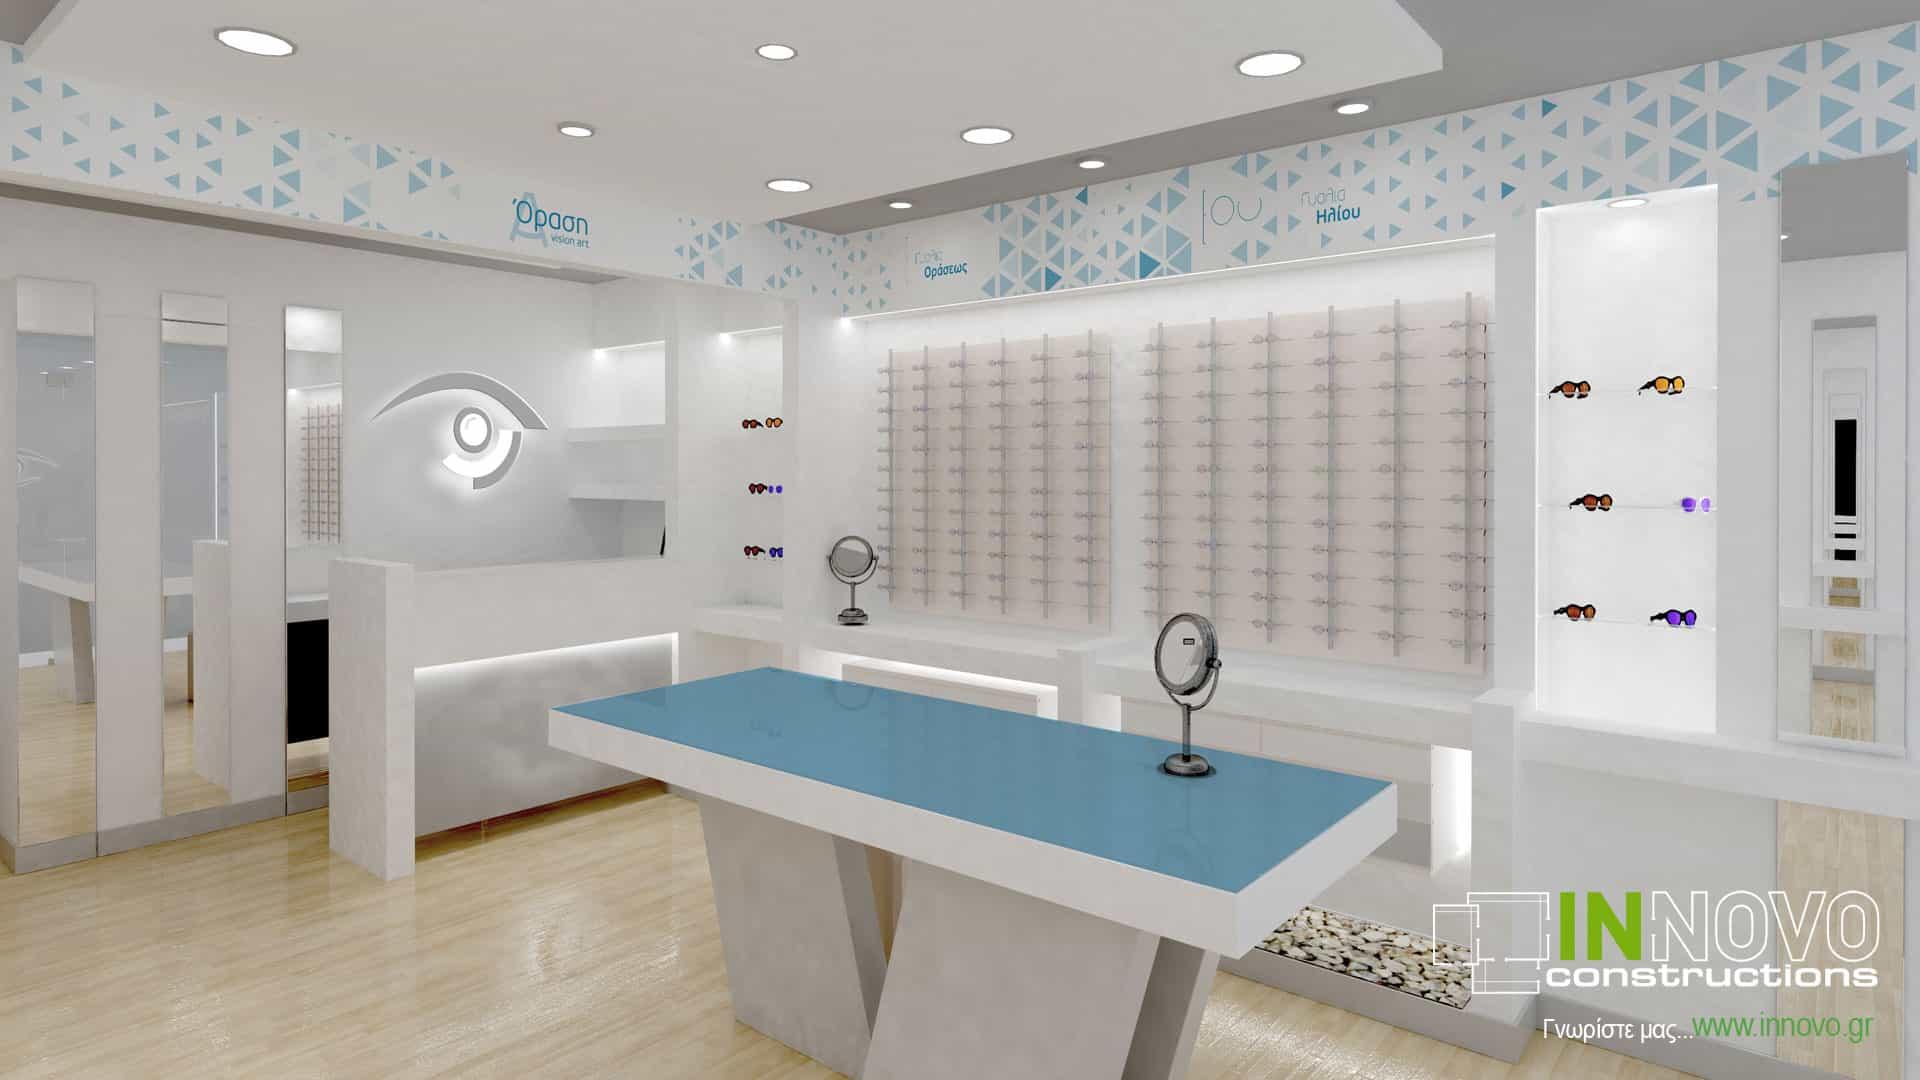 Διακόσμηση οπτικού καταστήματος στο Πέραμα